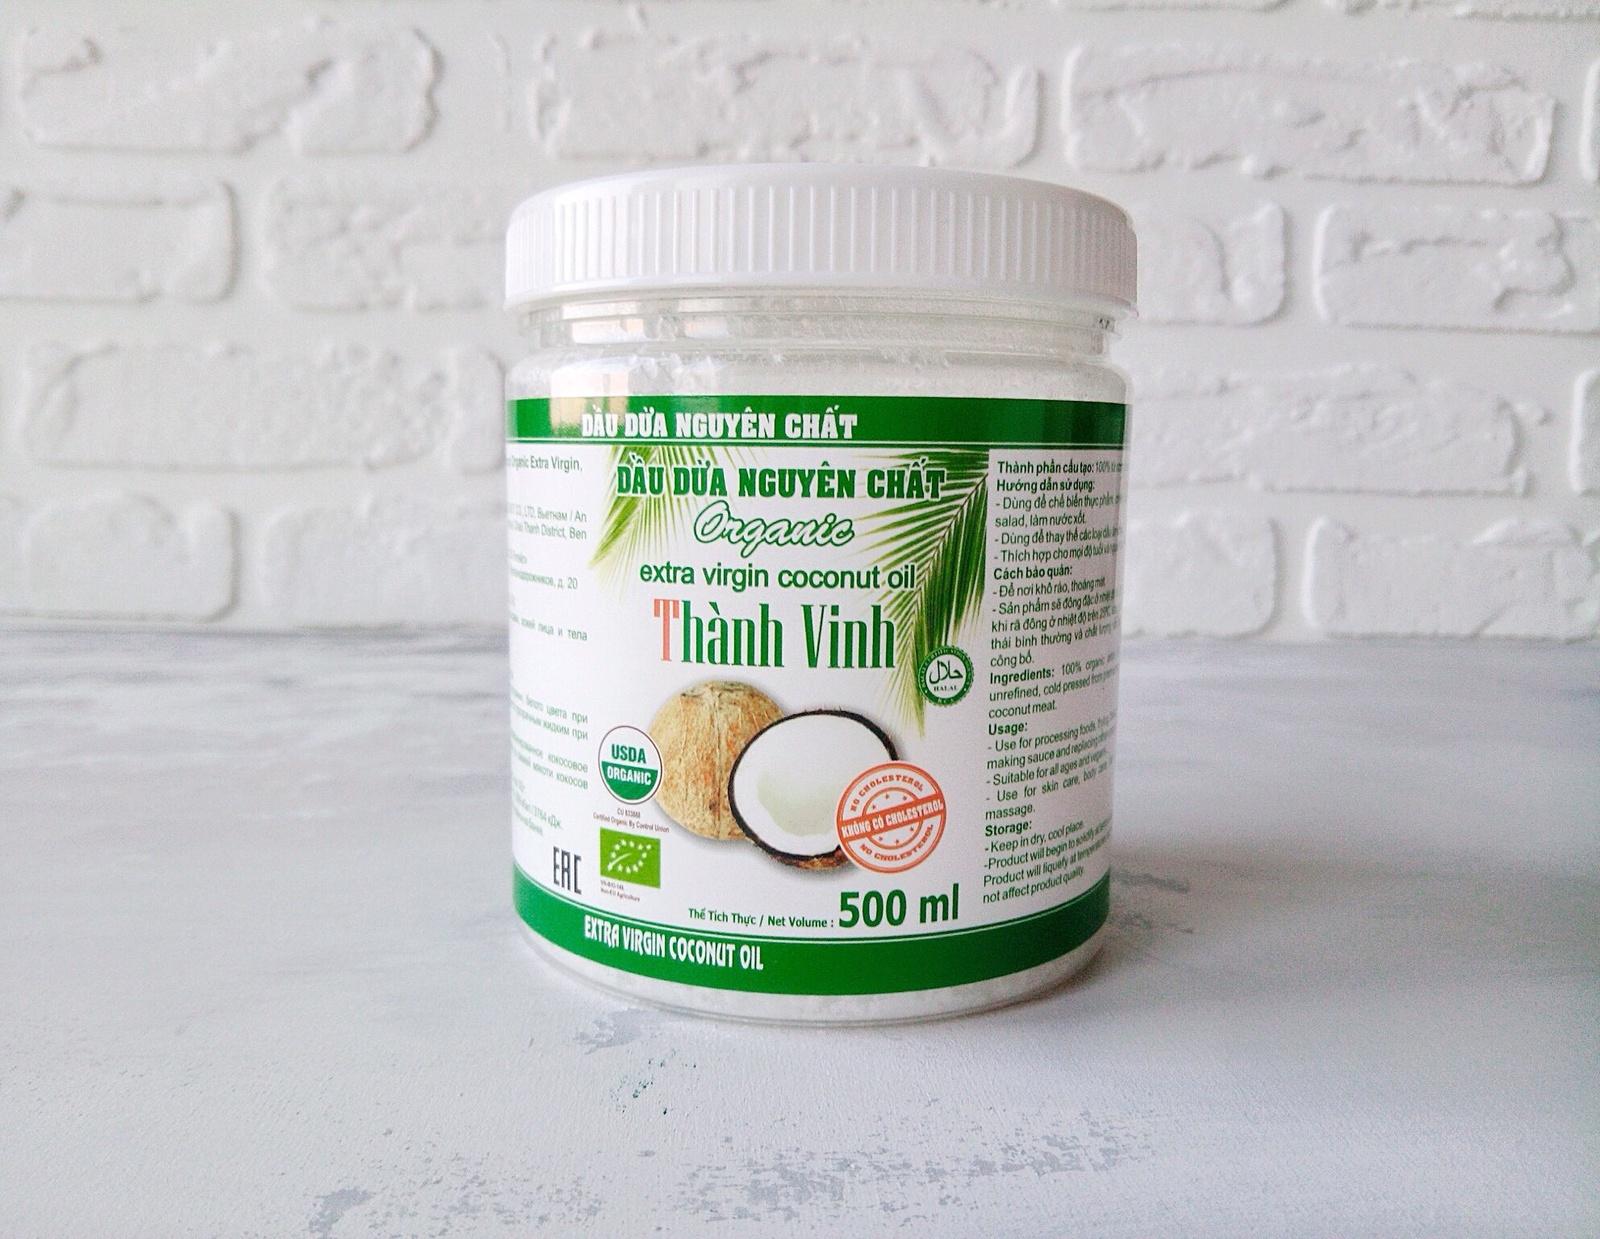 Кокосовое масло Thanh Vinh натуральное Organic Extra Virgin, нерафинированное, холодного отжима, 500 мл alterna натуральное масло kendi для интенсивного ухода за волосами bamboo smooth 50 мл